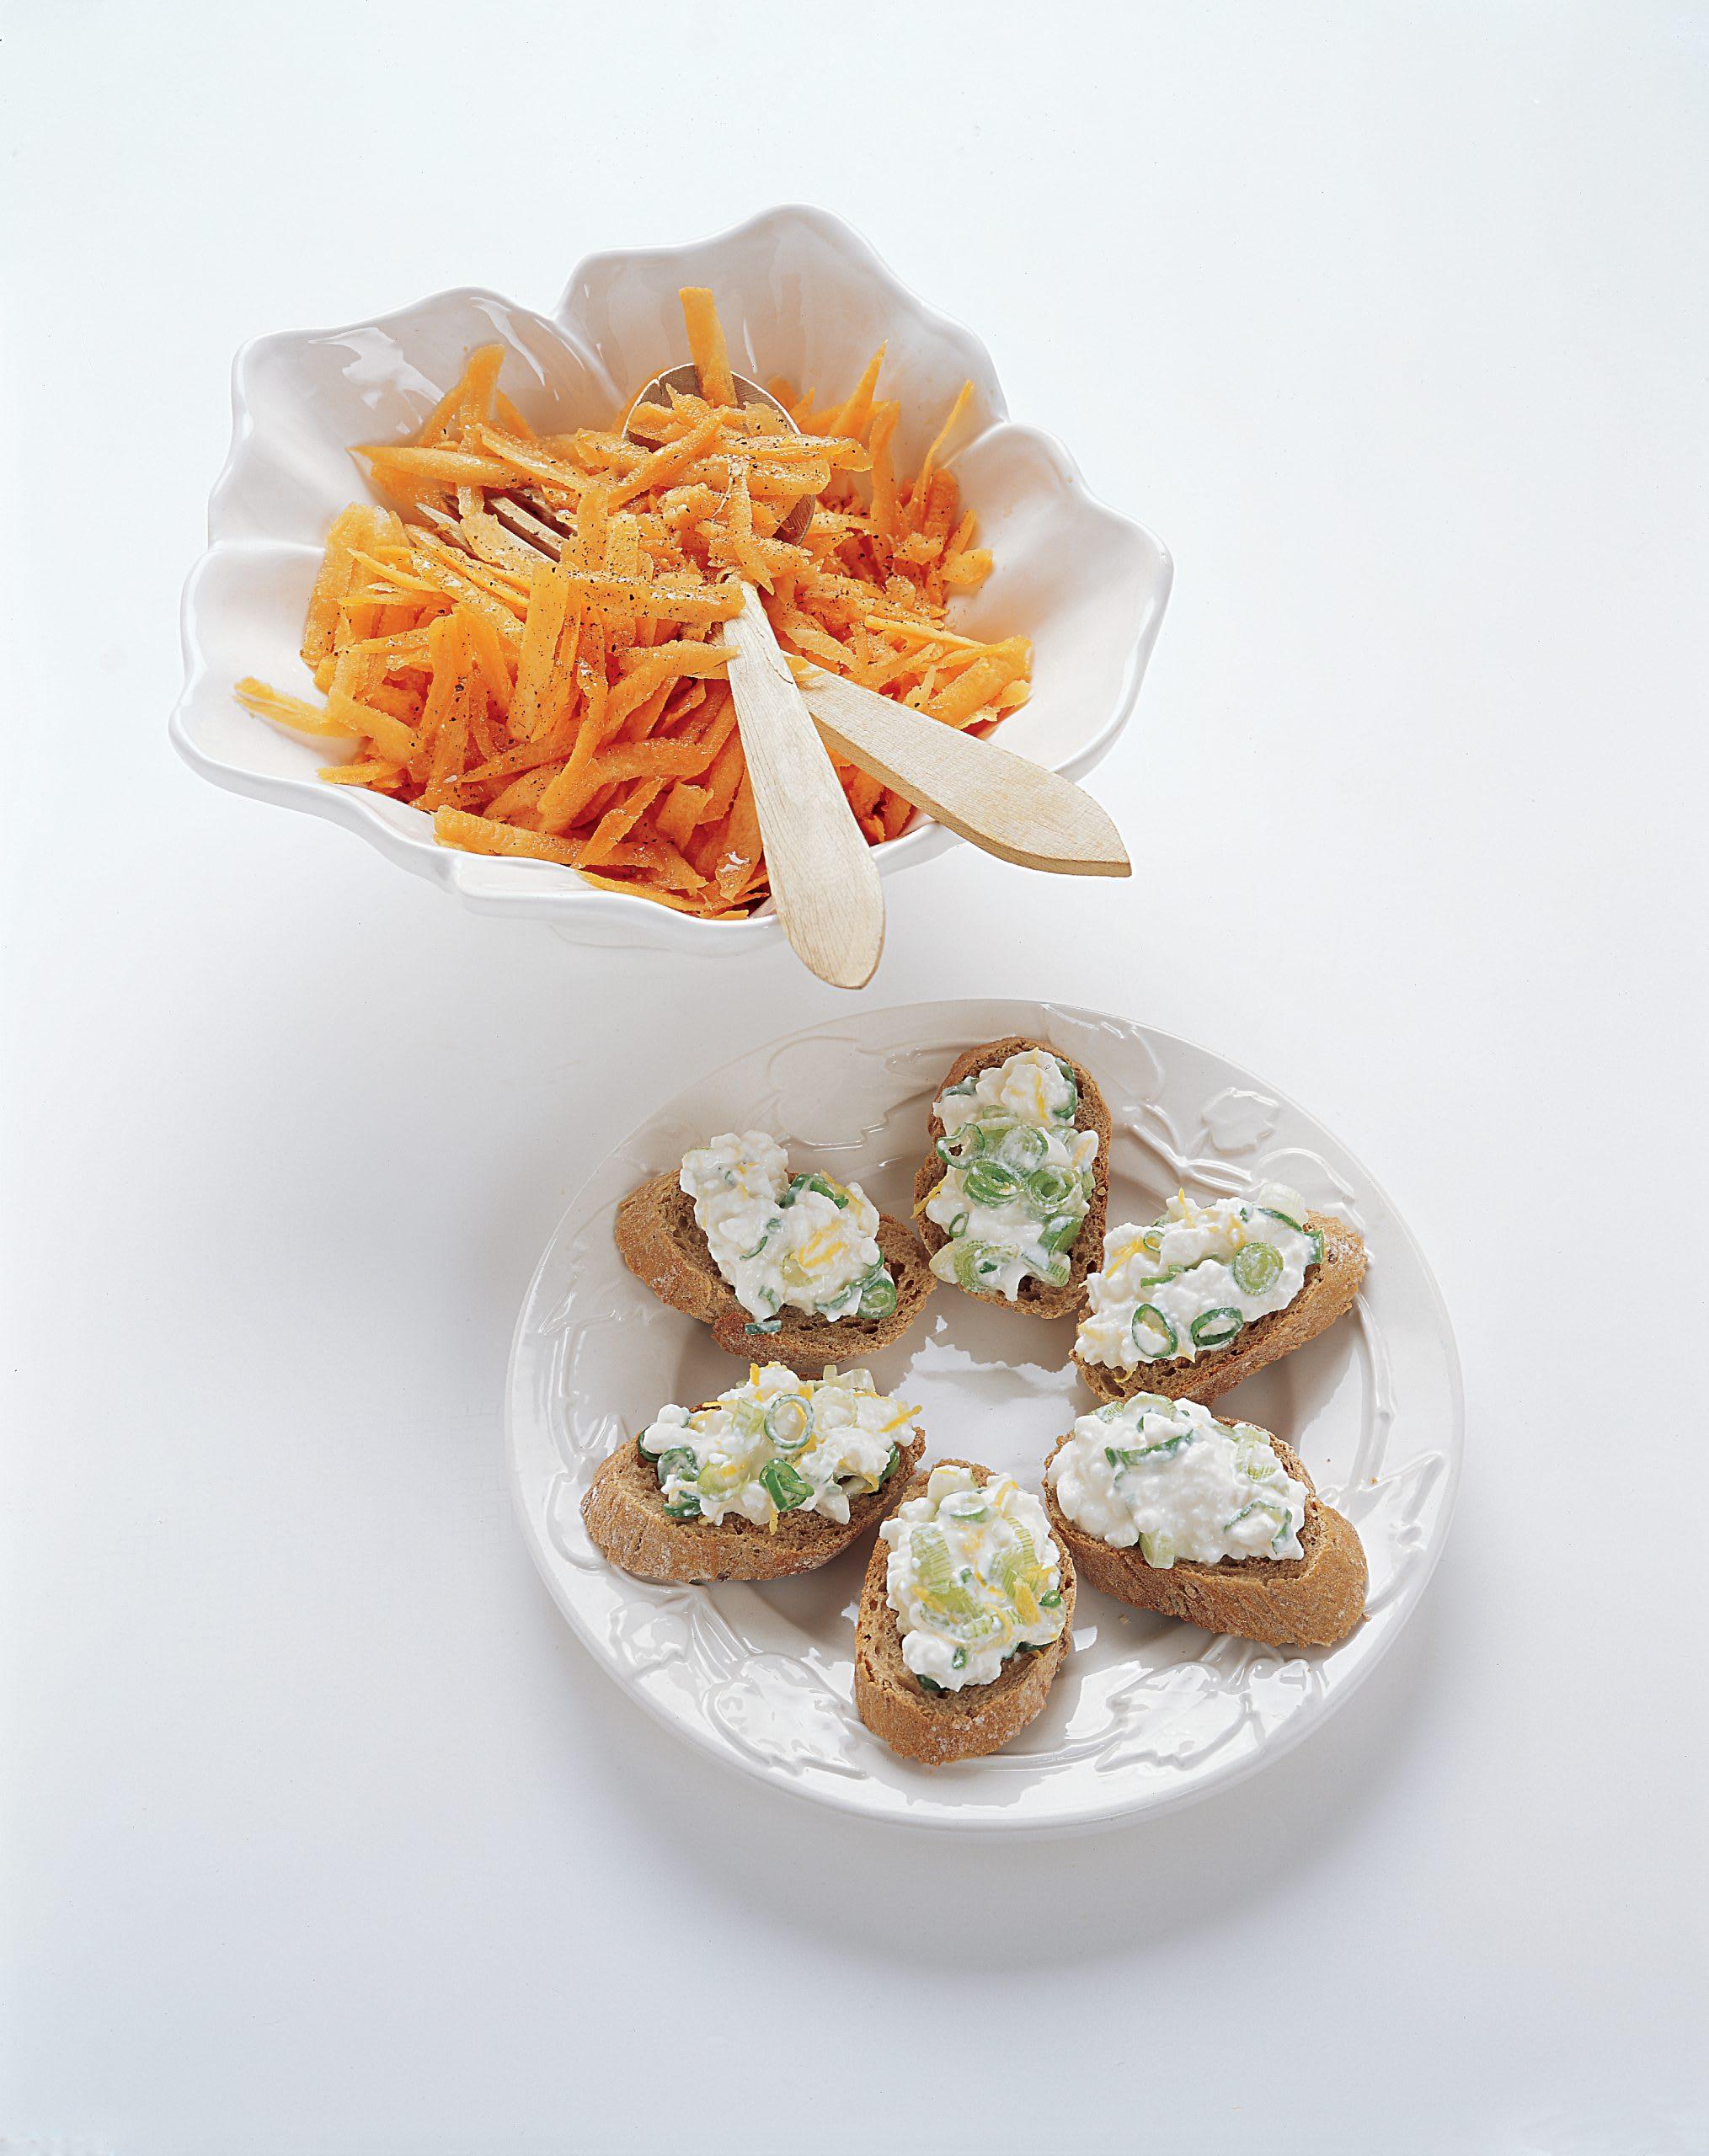 Rüebli-Ingwer-Salat mit Hüttenkäse-Crostini